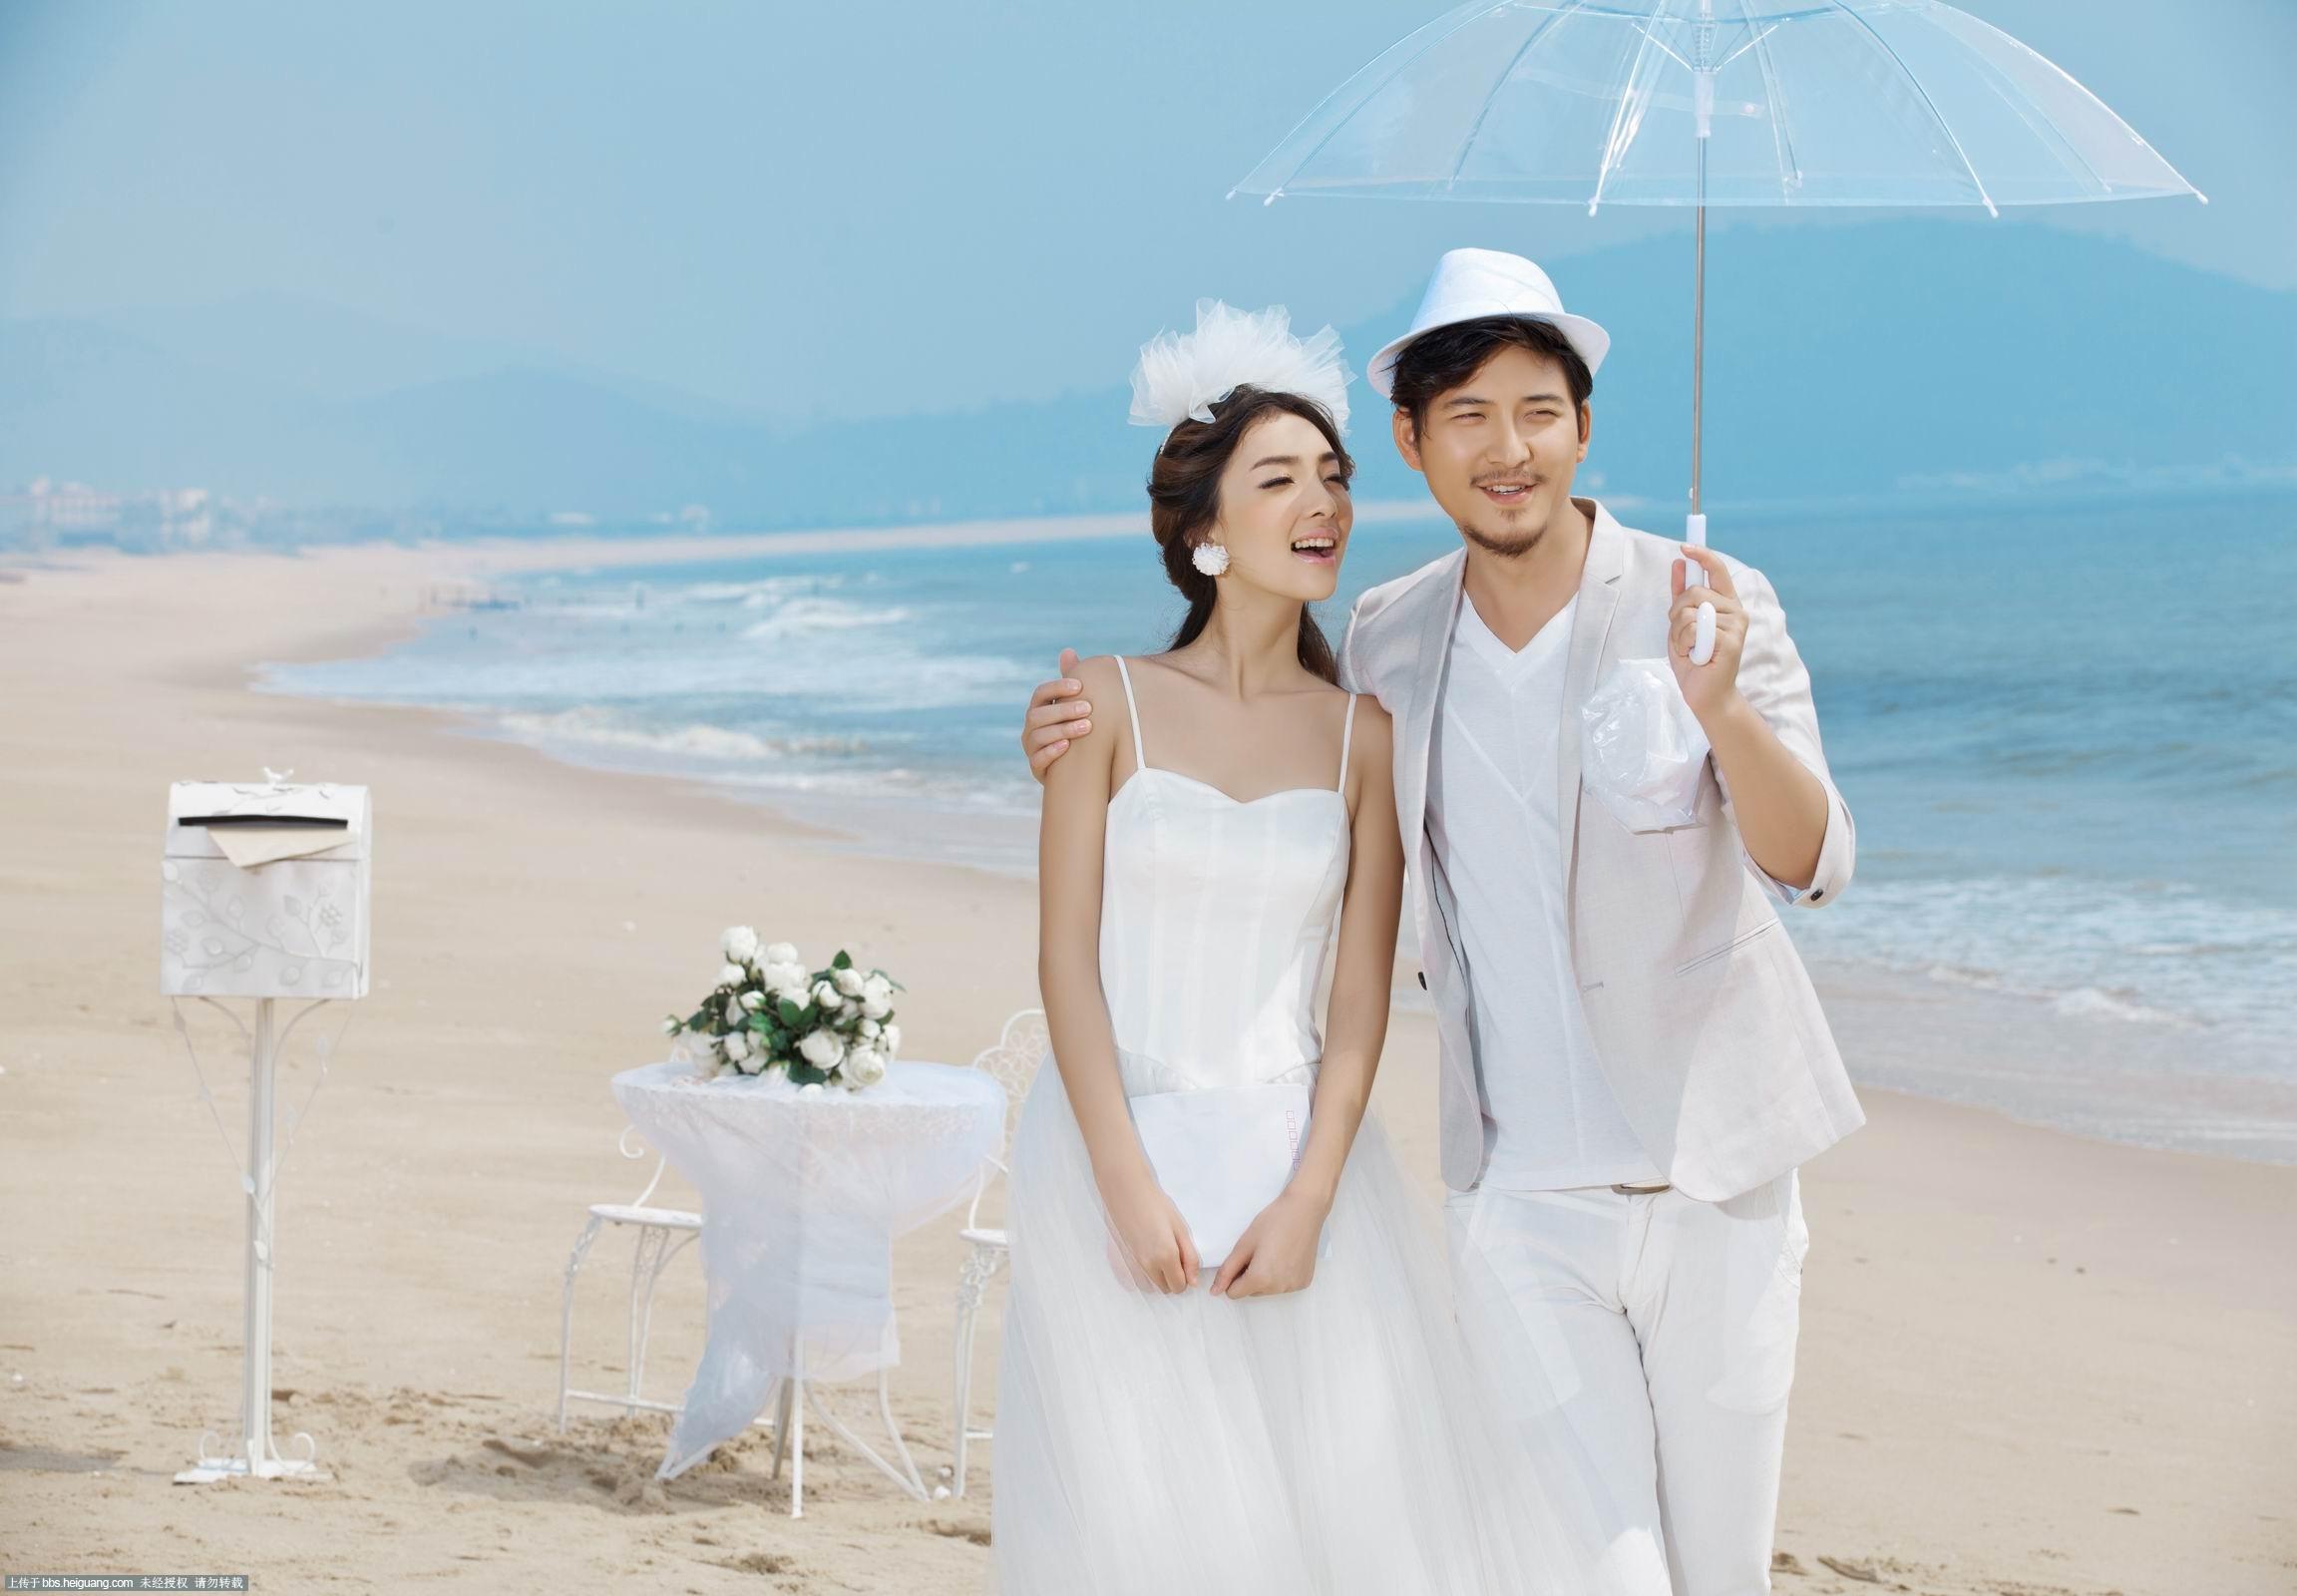 【青岛罗曼蒂克婚纱摄影】-海边_婚纱摄影作品_黑光